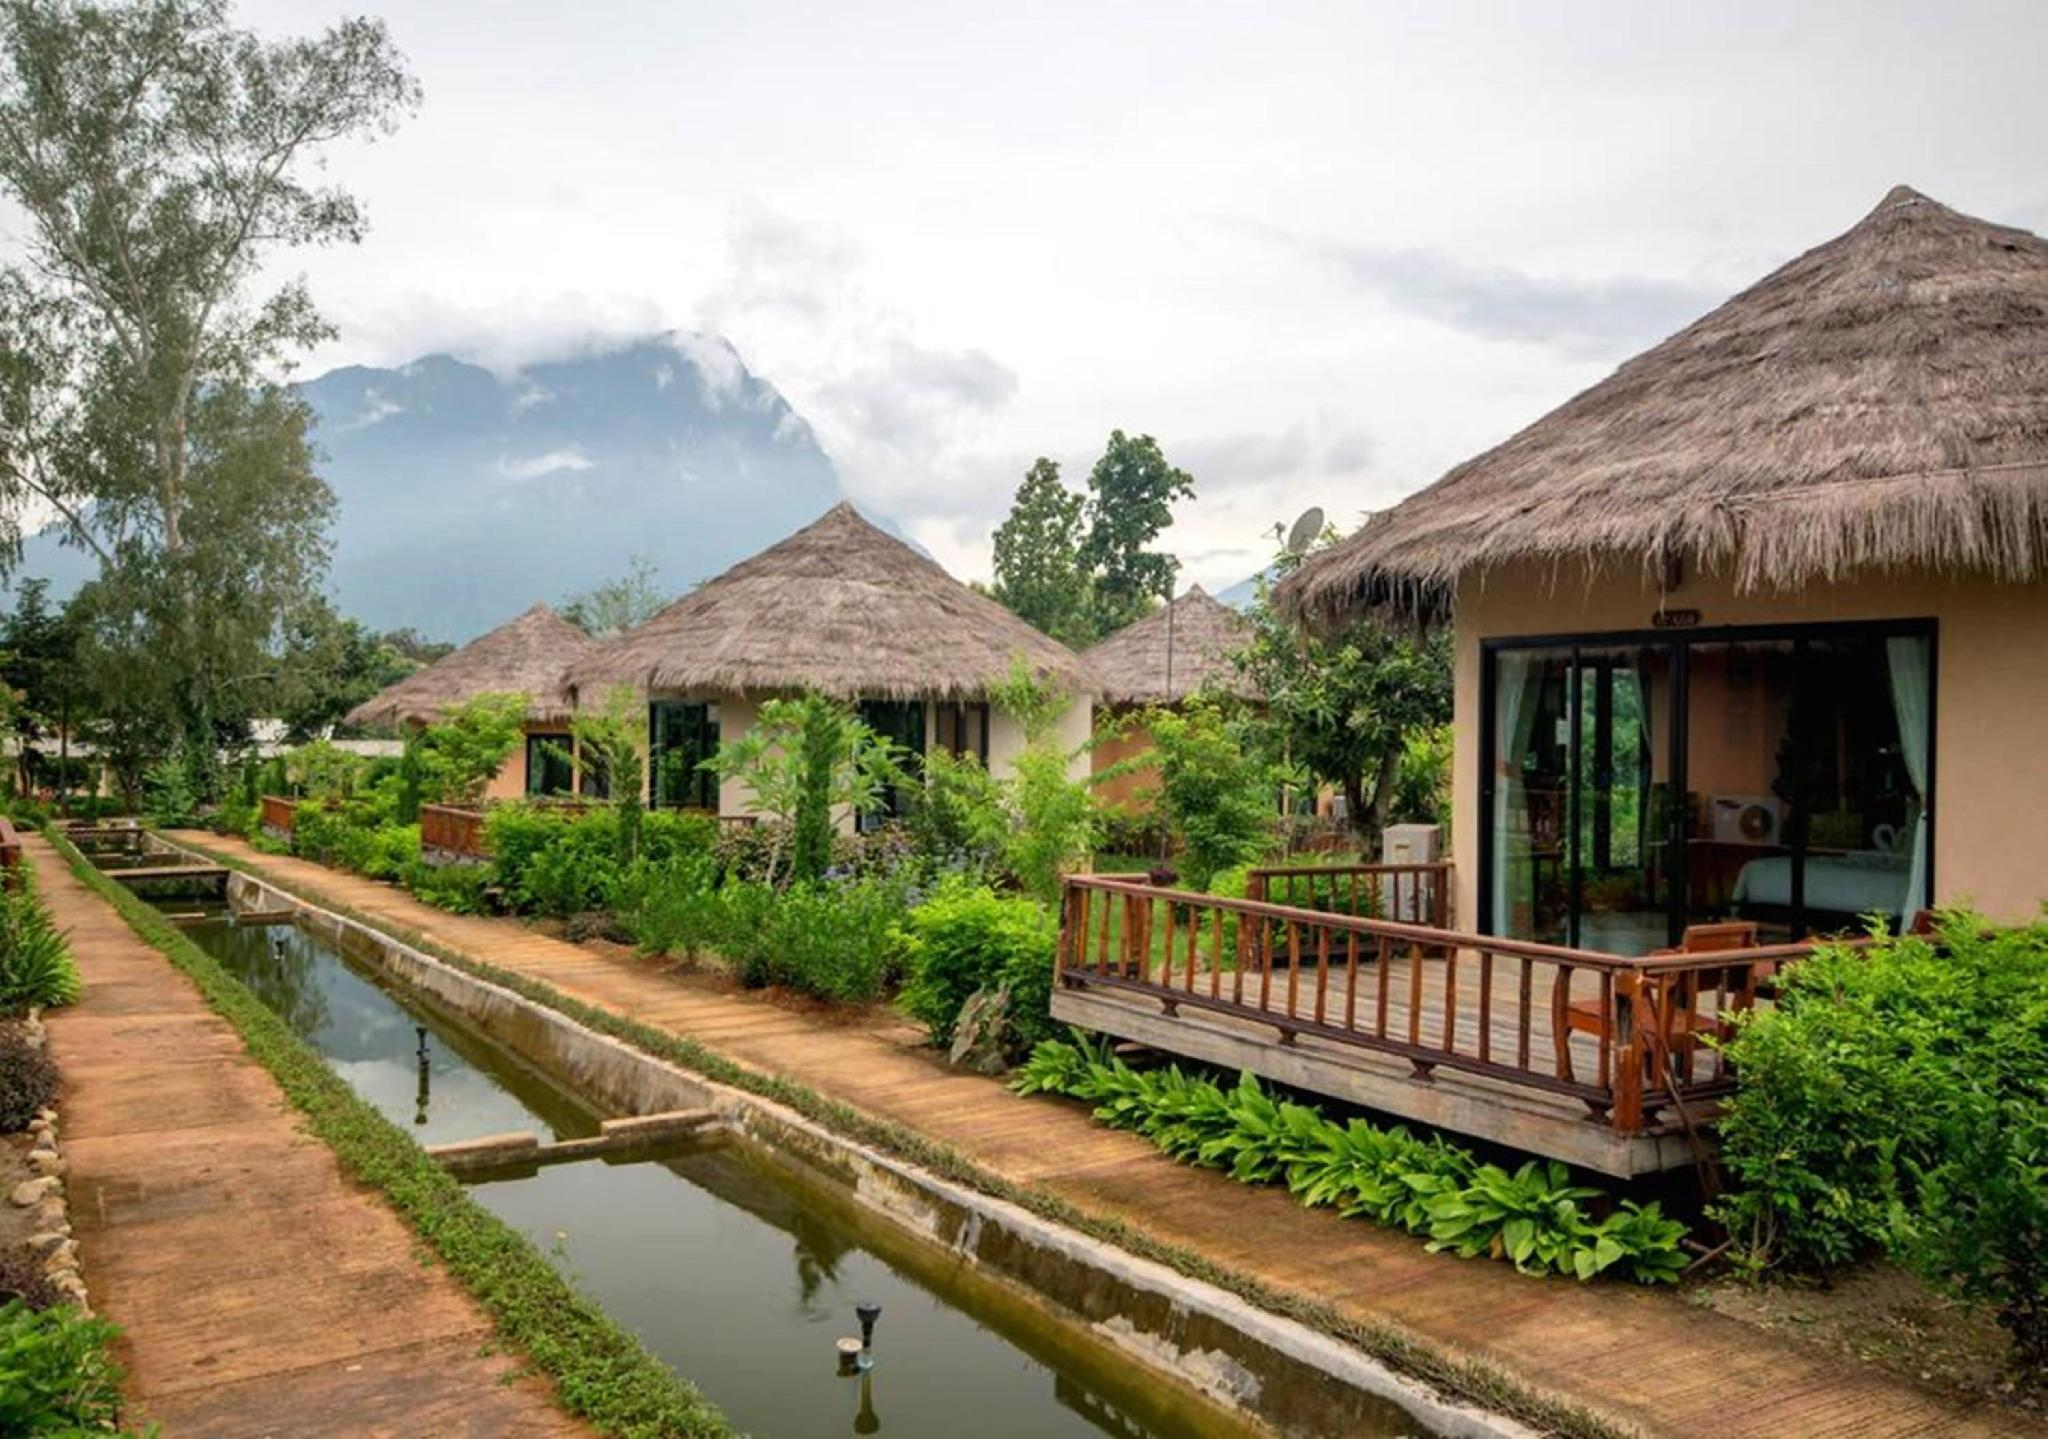 Aurora Resort Chiang Dao ออโรร่า รีสอร์ท เชียงดาว